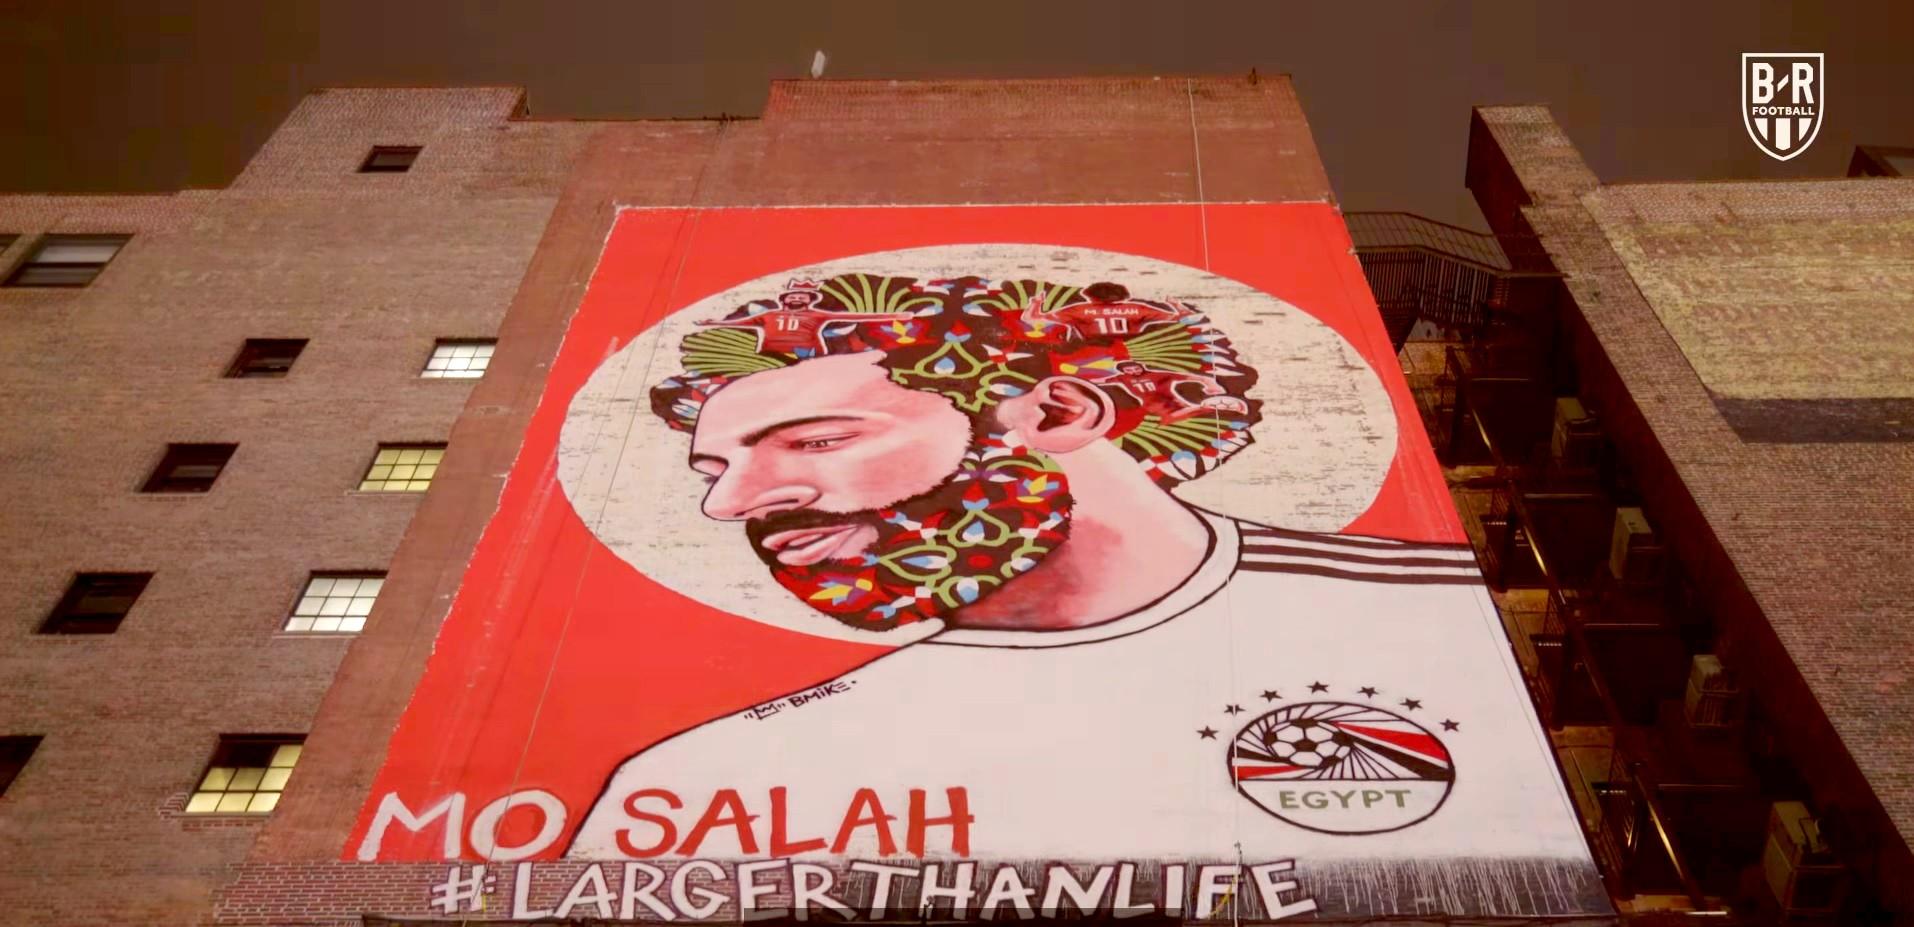 Голова лисицы. Мохамед Салах сменяет курс египетского футбола - изображение 2